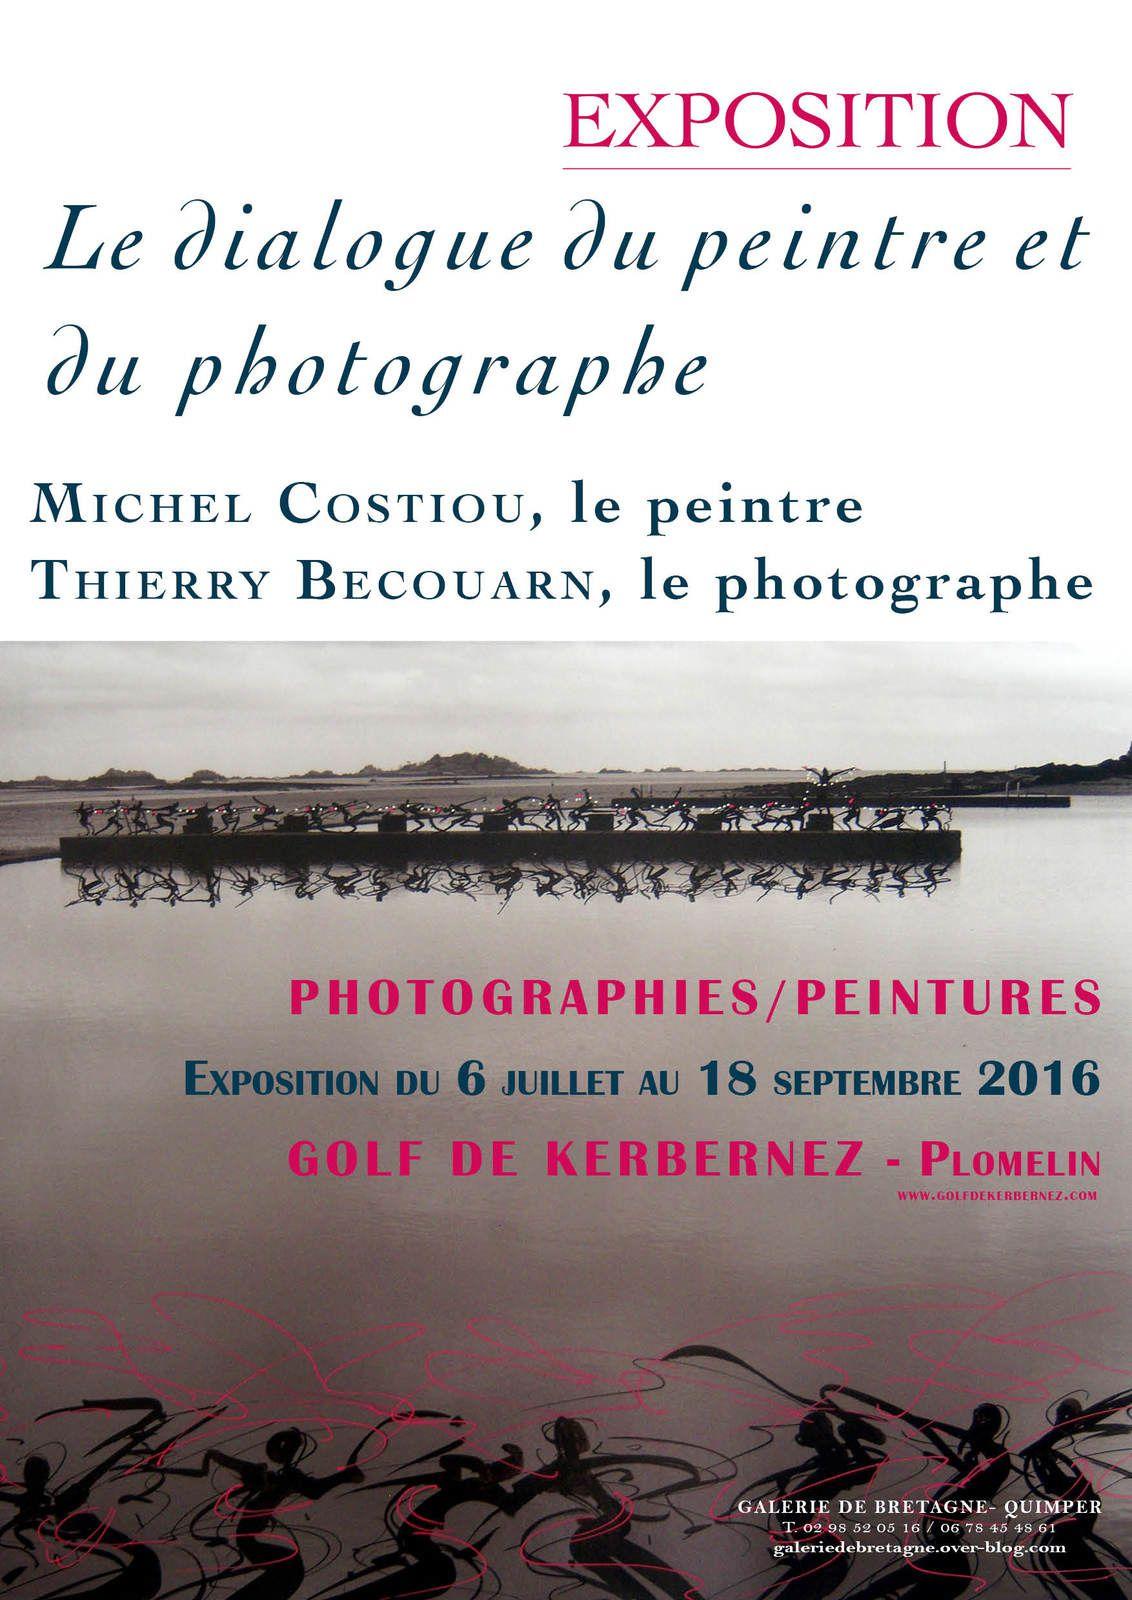 le dialogue du peintre et du photographe #Plomelin